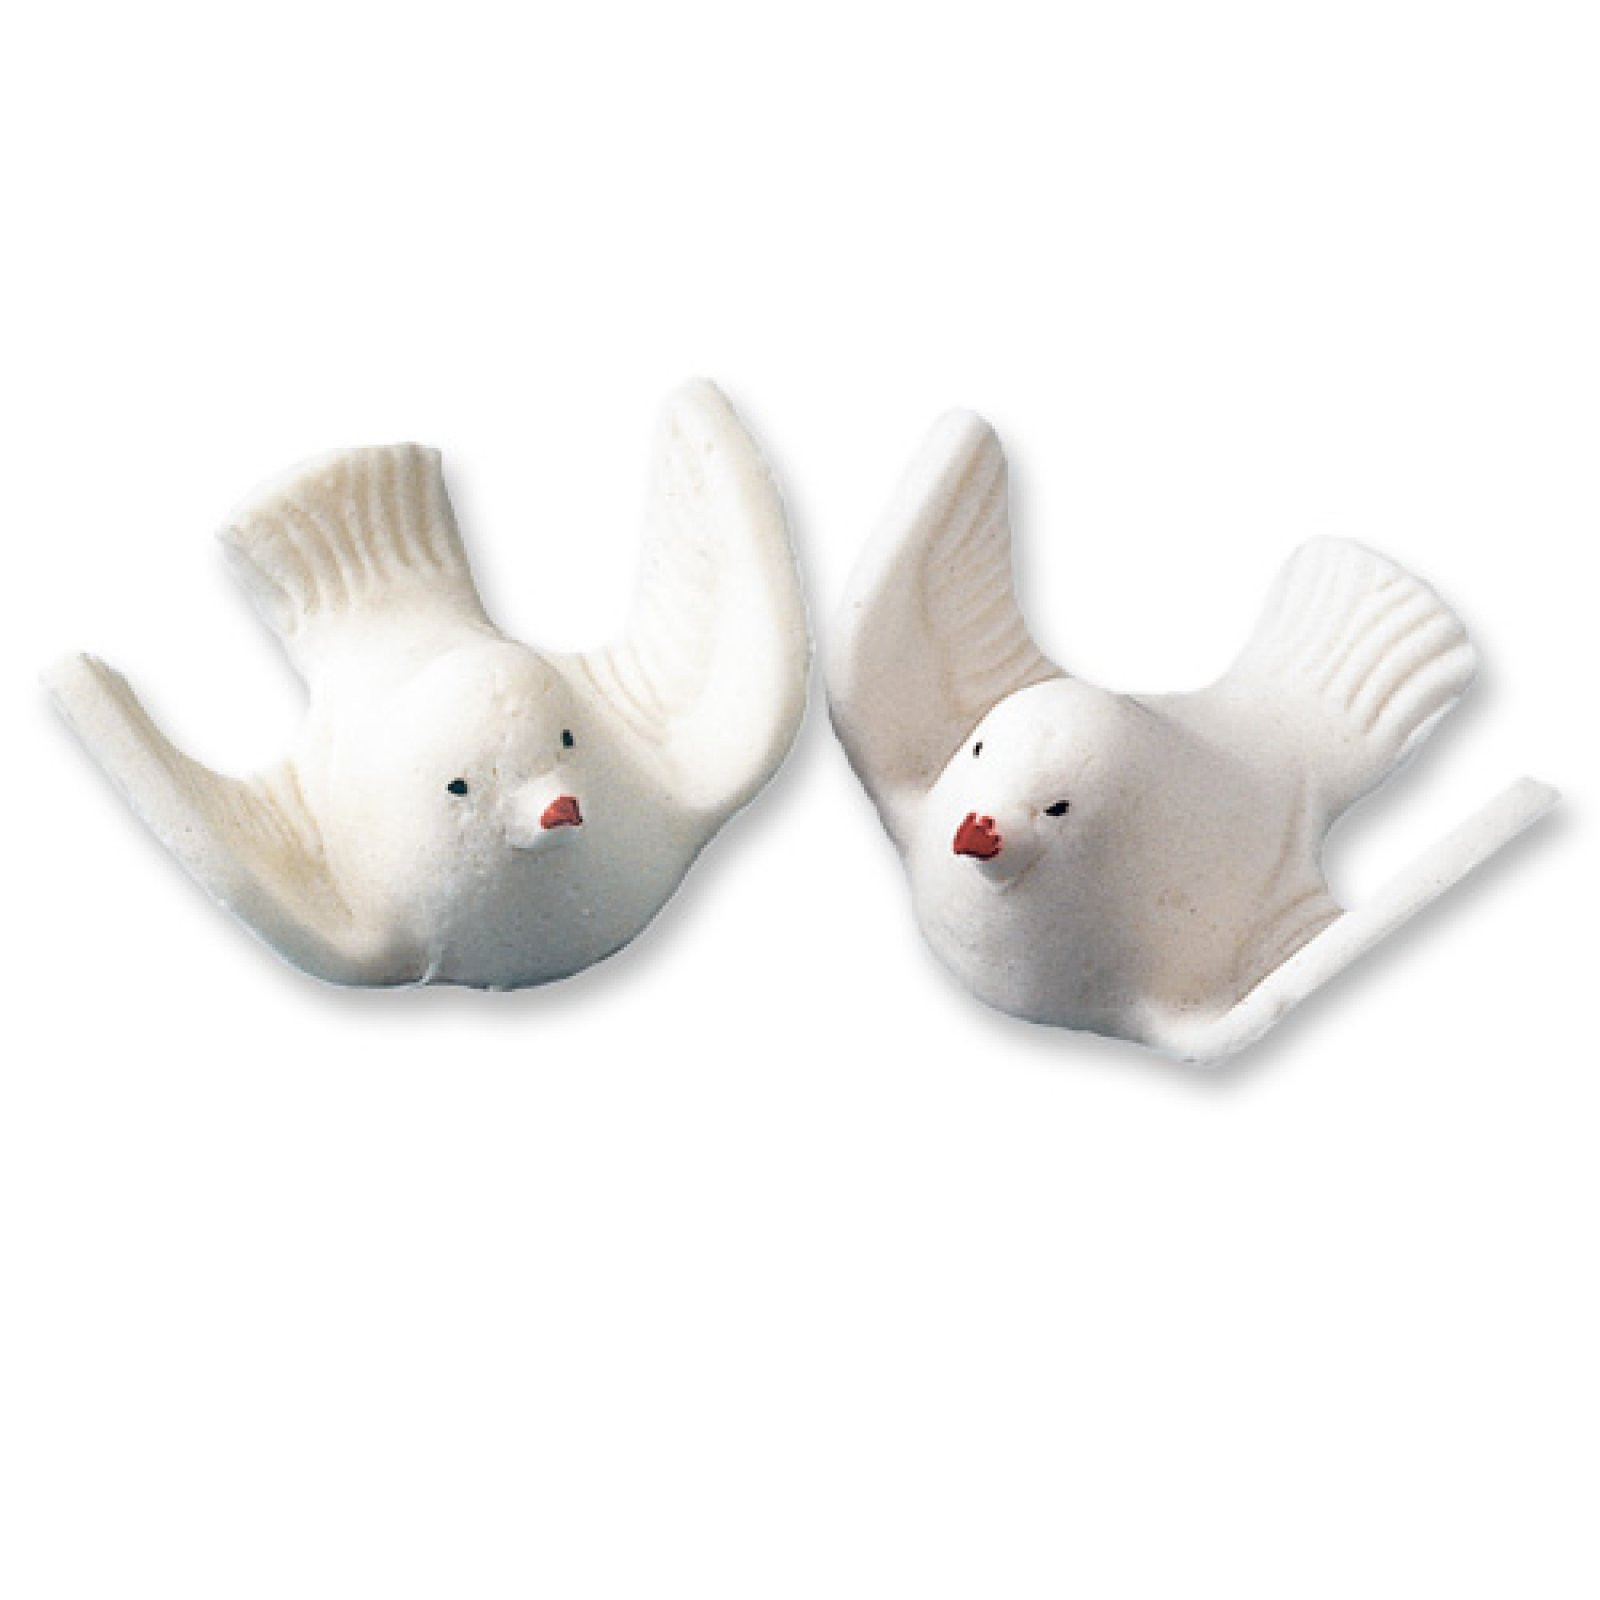 Weiße Tauben Hochzeit  Essbare weisse Zuckertauben für Hochzeit